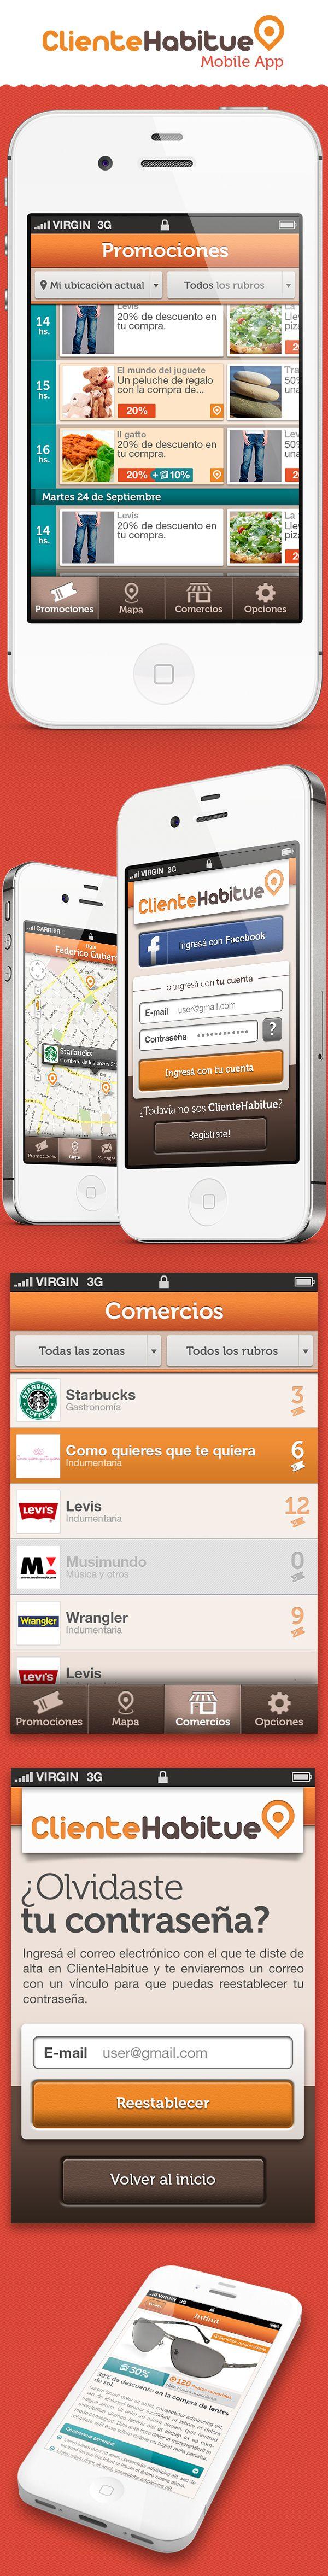 ClienteHabitue Mobile App by Nicolás Paparella, via Behance